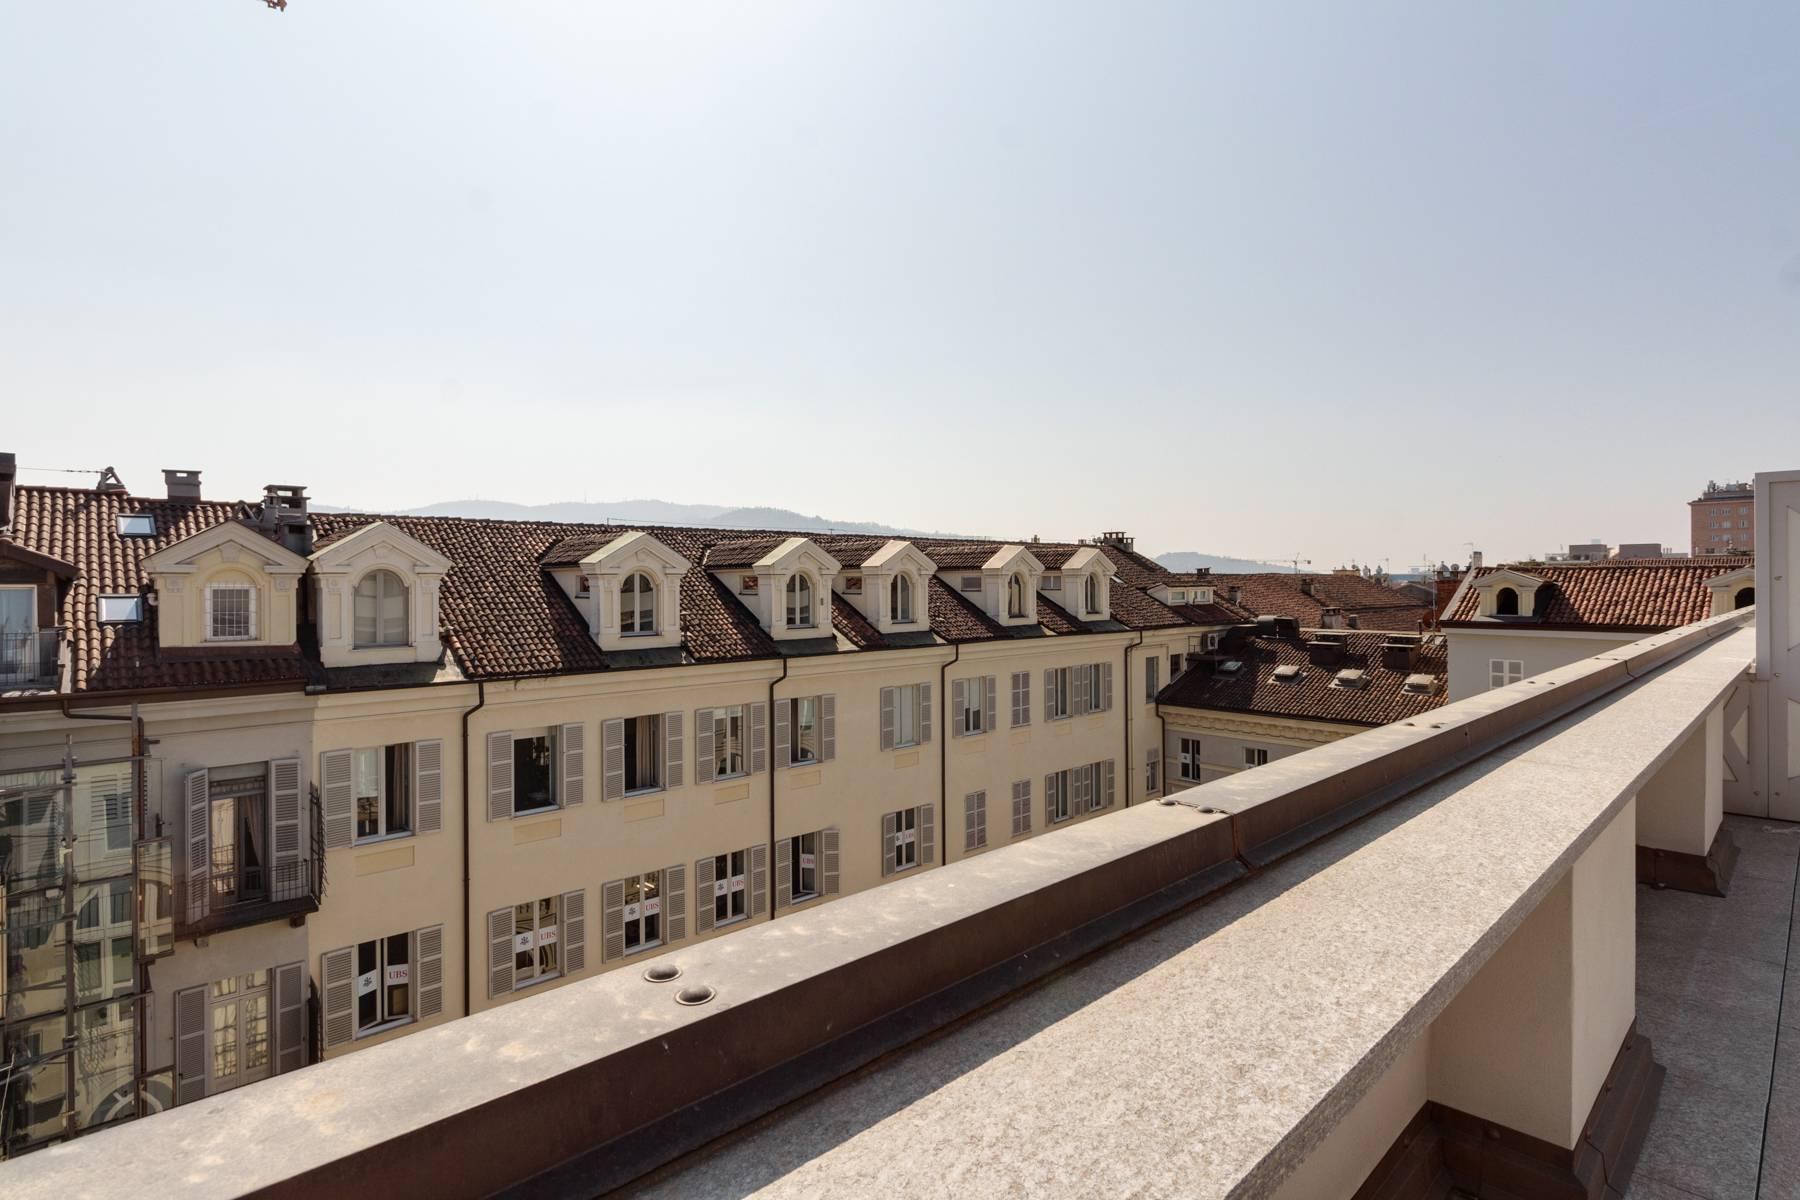 Attico in Vendita a Torino: 5 locali, 452 mq - Foto 11